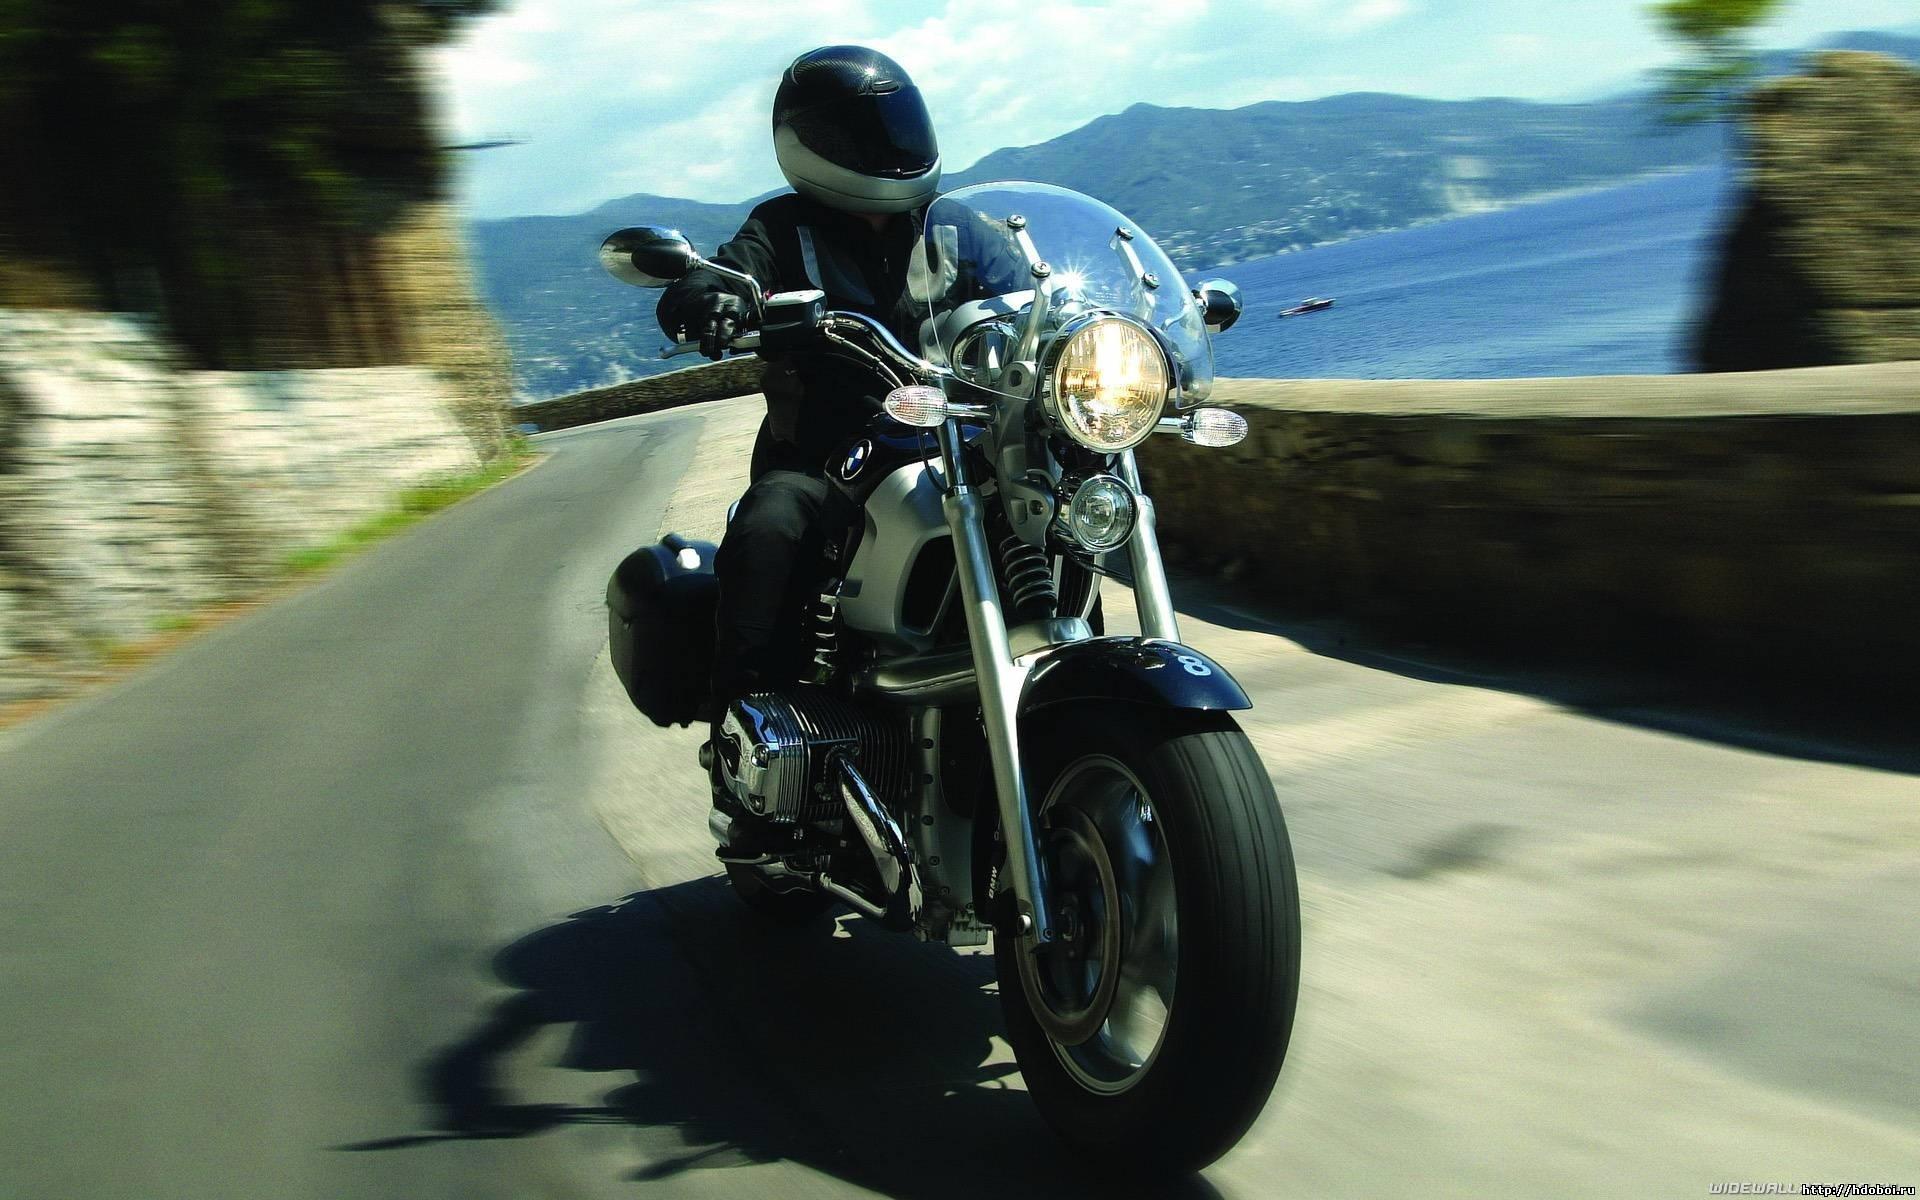 Человек на мотоцикле фото